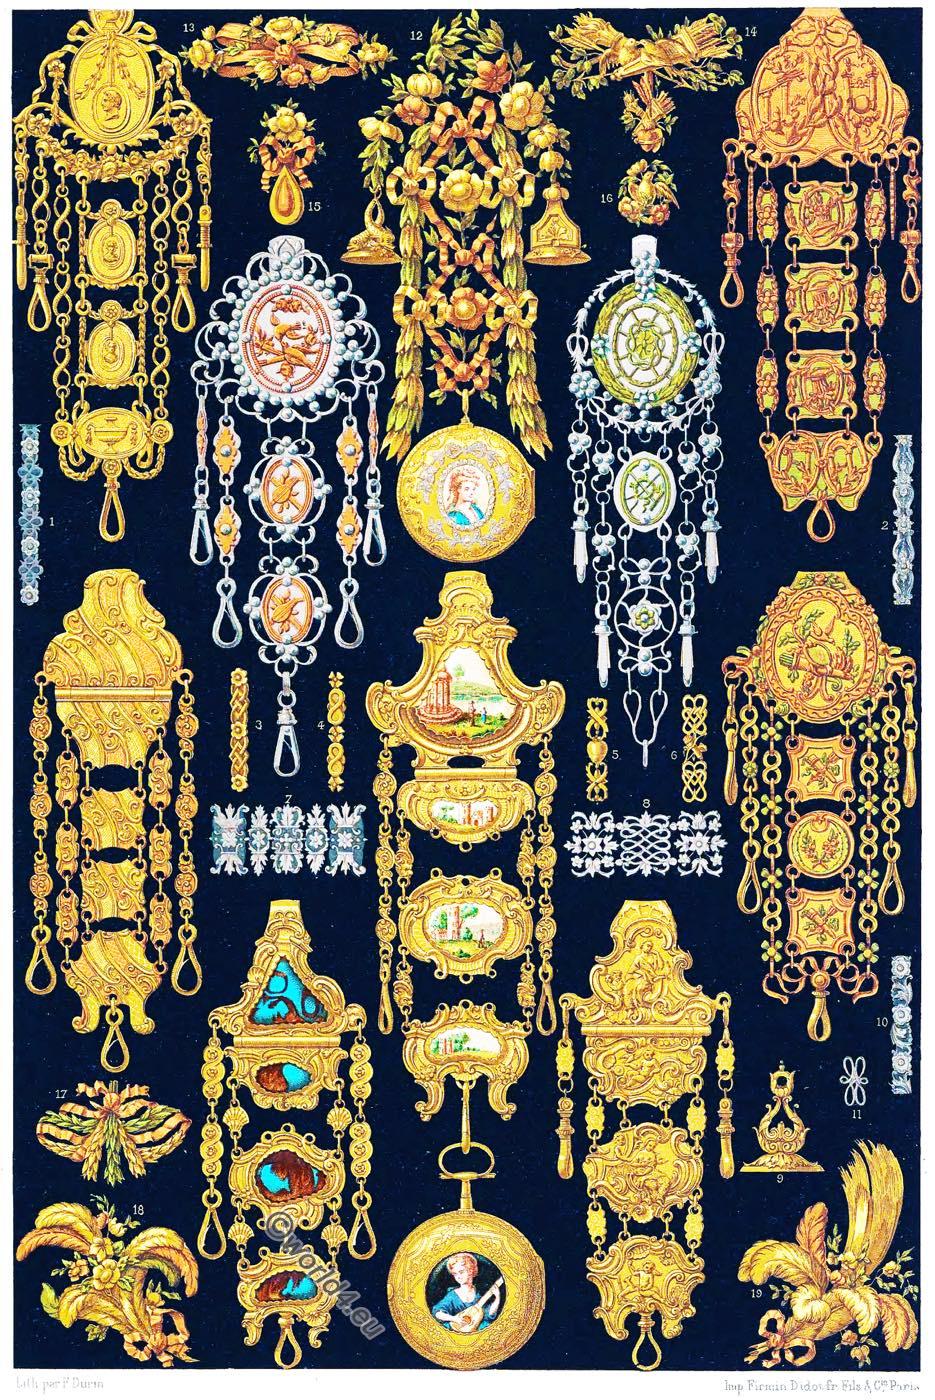 châtelaines, Rococo, Gilles L'Egaré, jewelry,  Auguste Racinet,